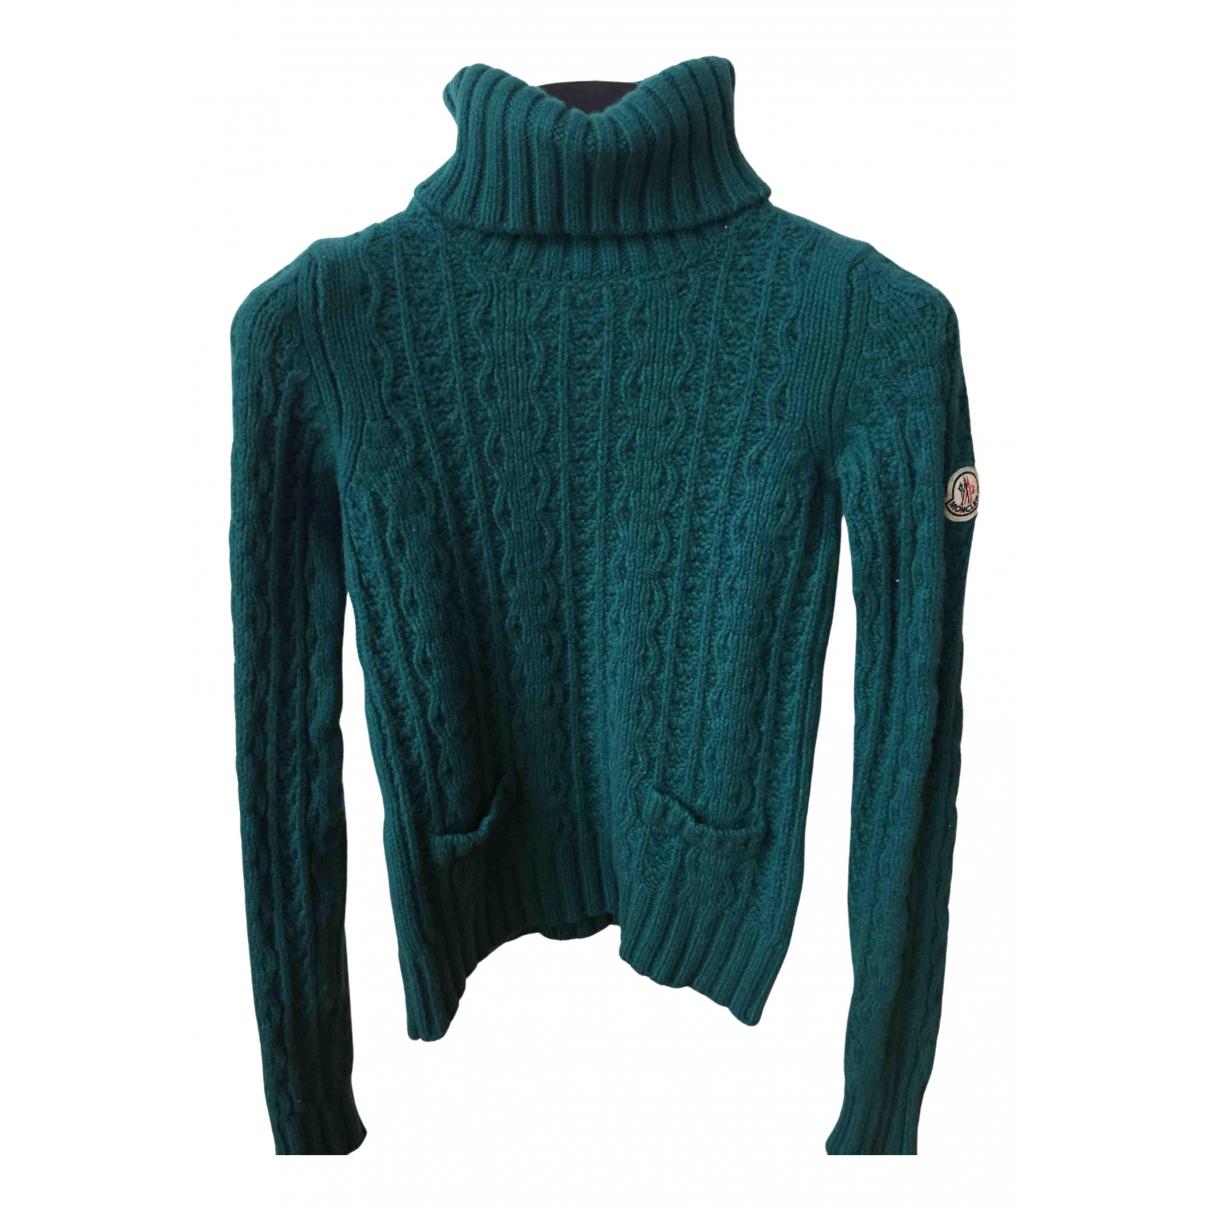 Moncler \N Green Wool Knitwear for Women XS International